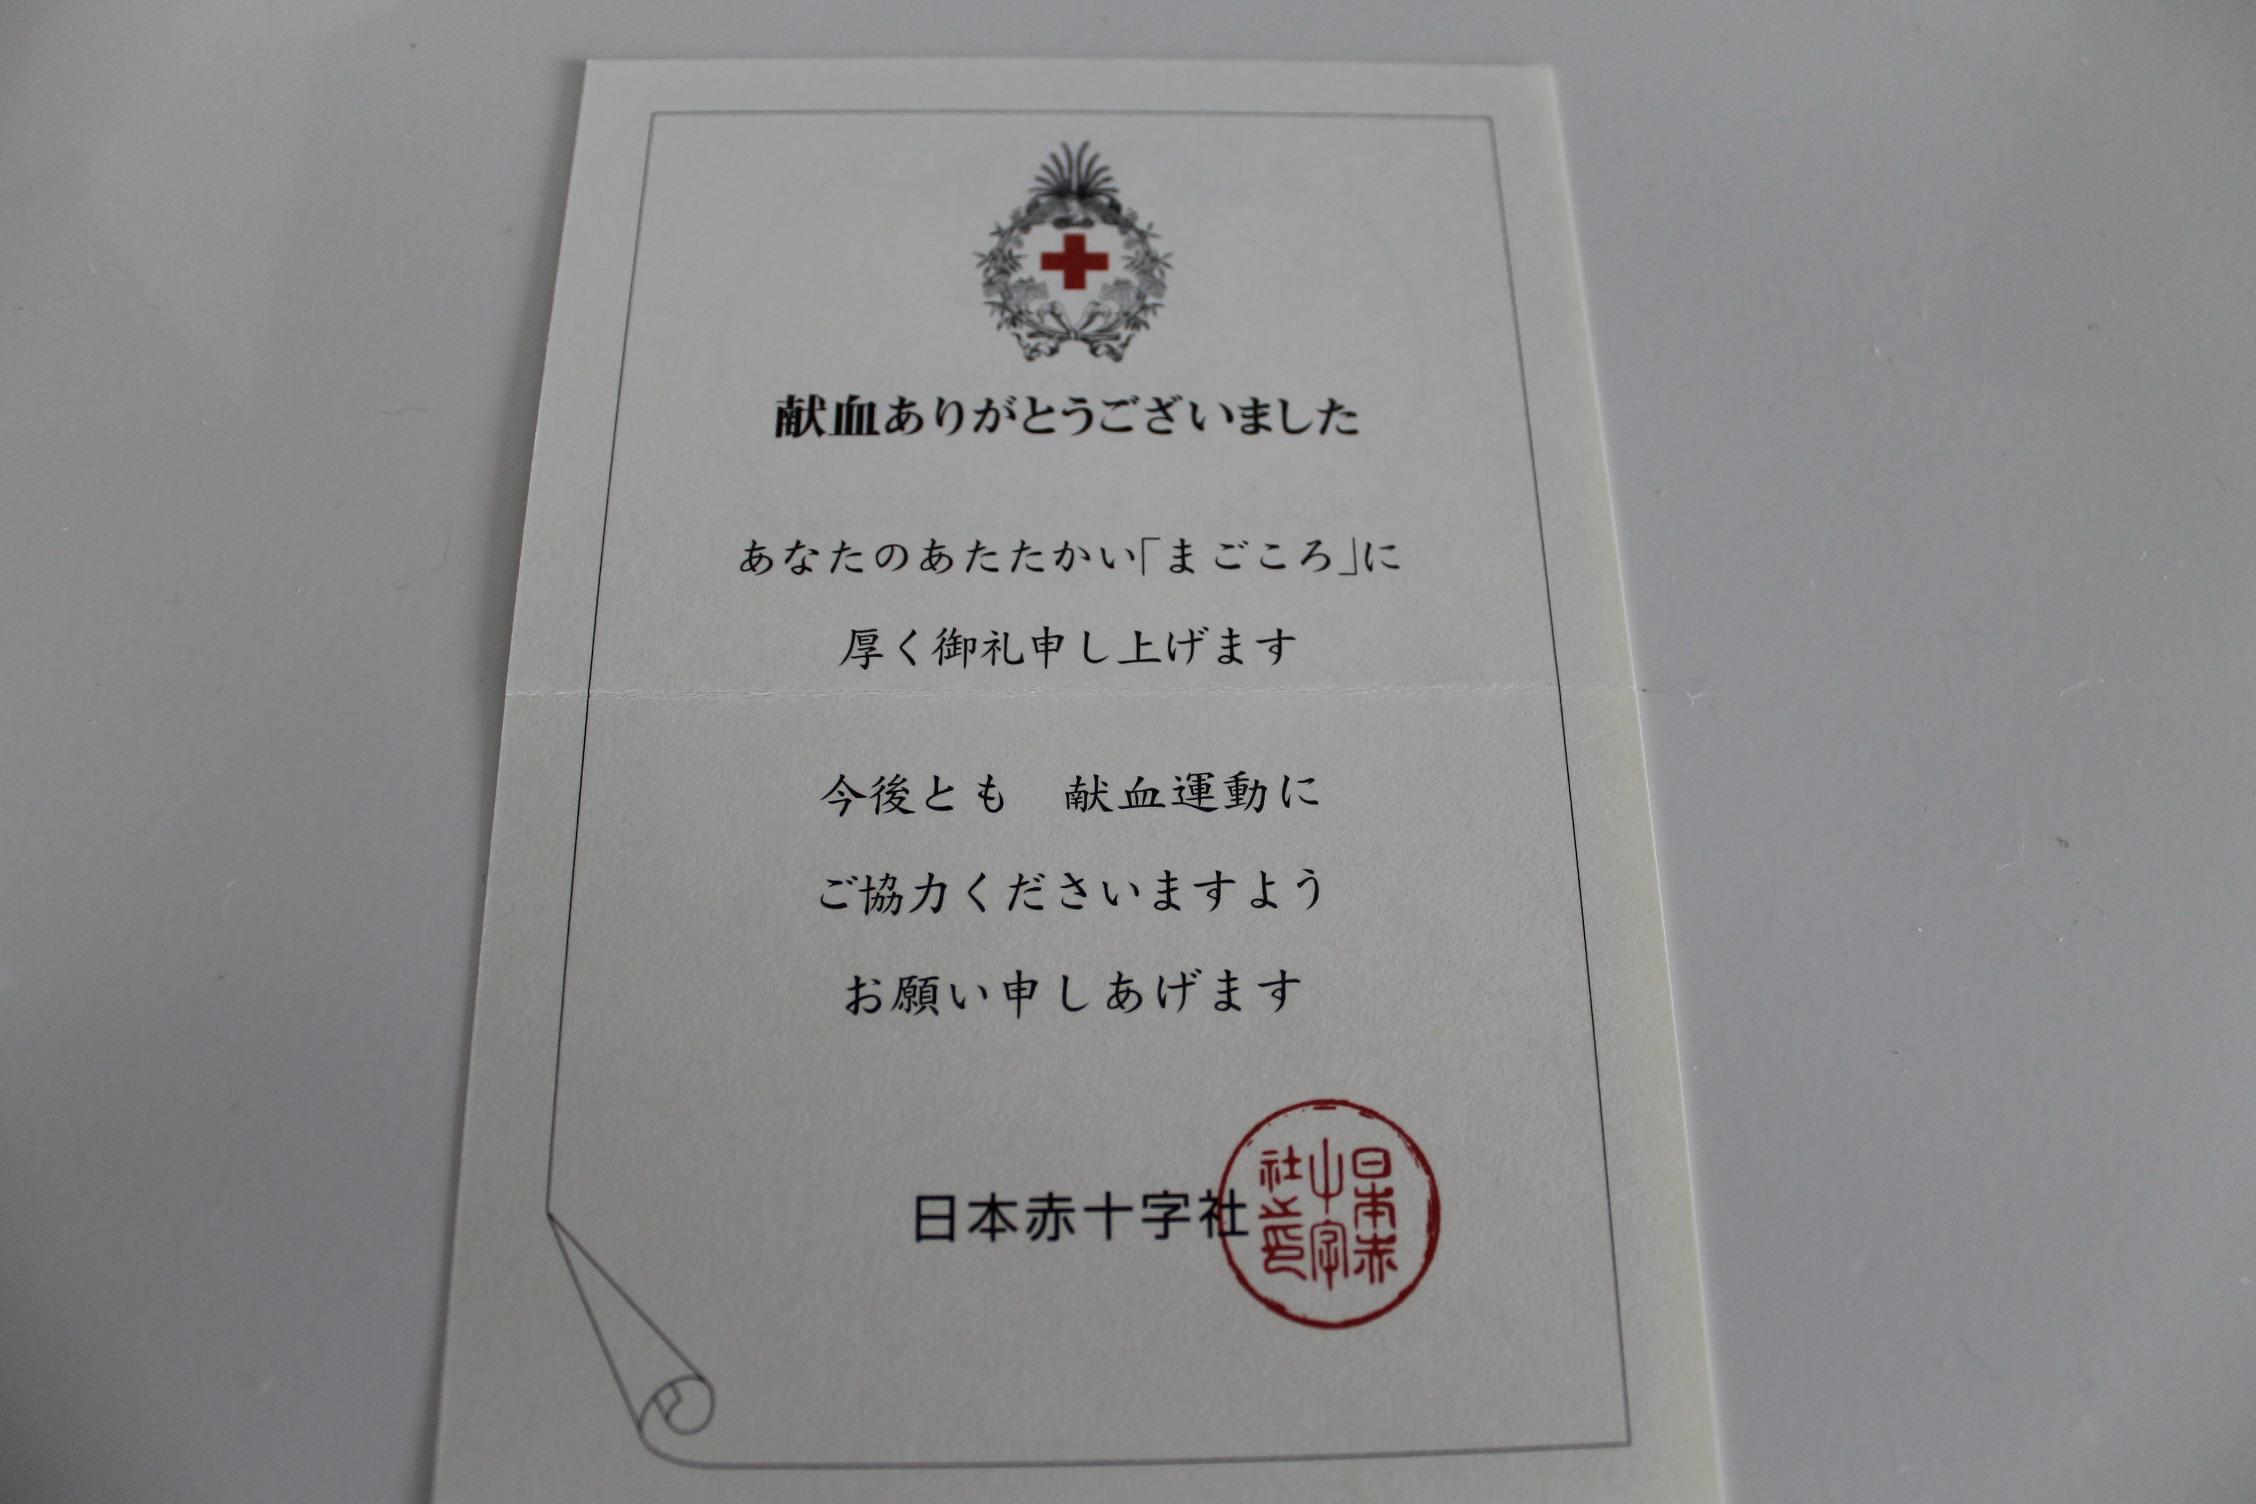 献血の記念品に驚いて_e0201009_22513149.jpg